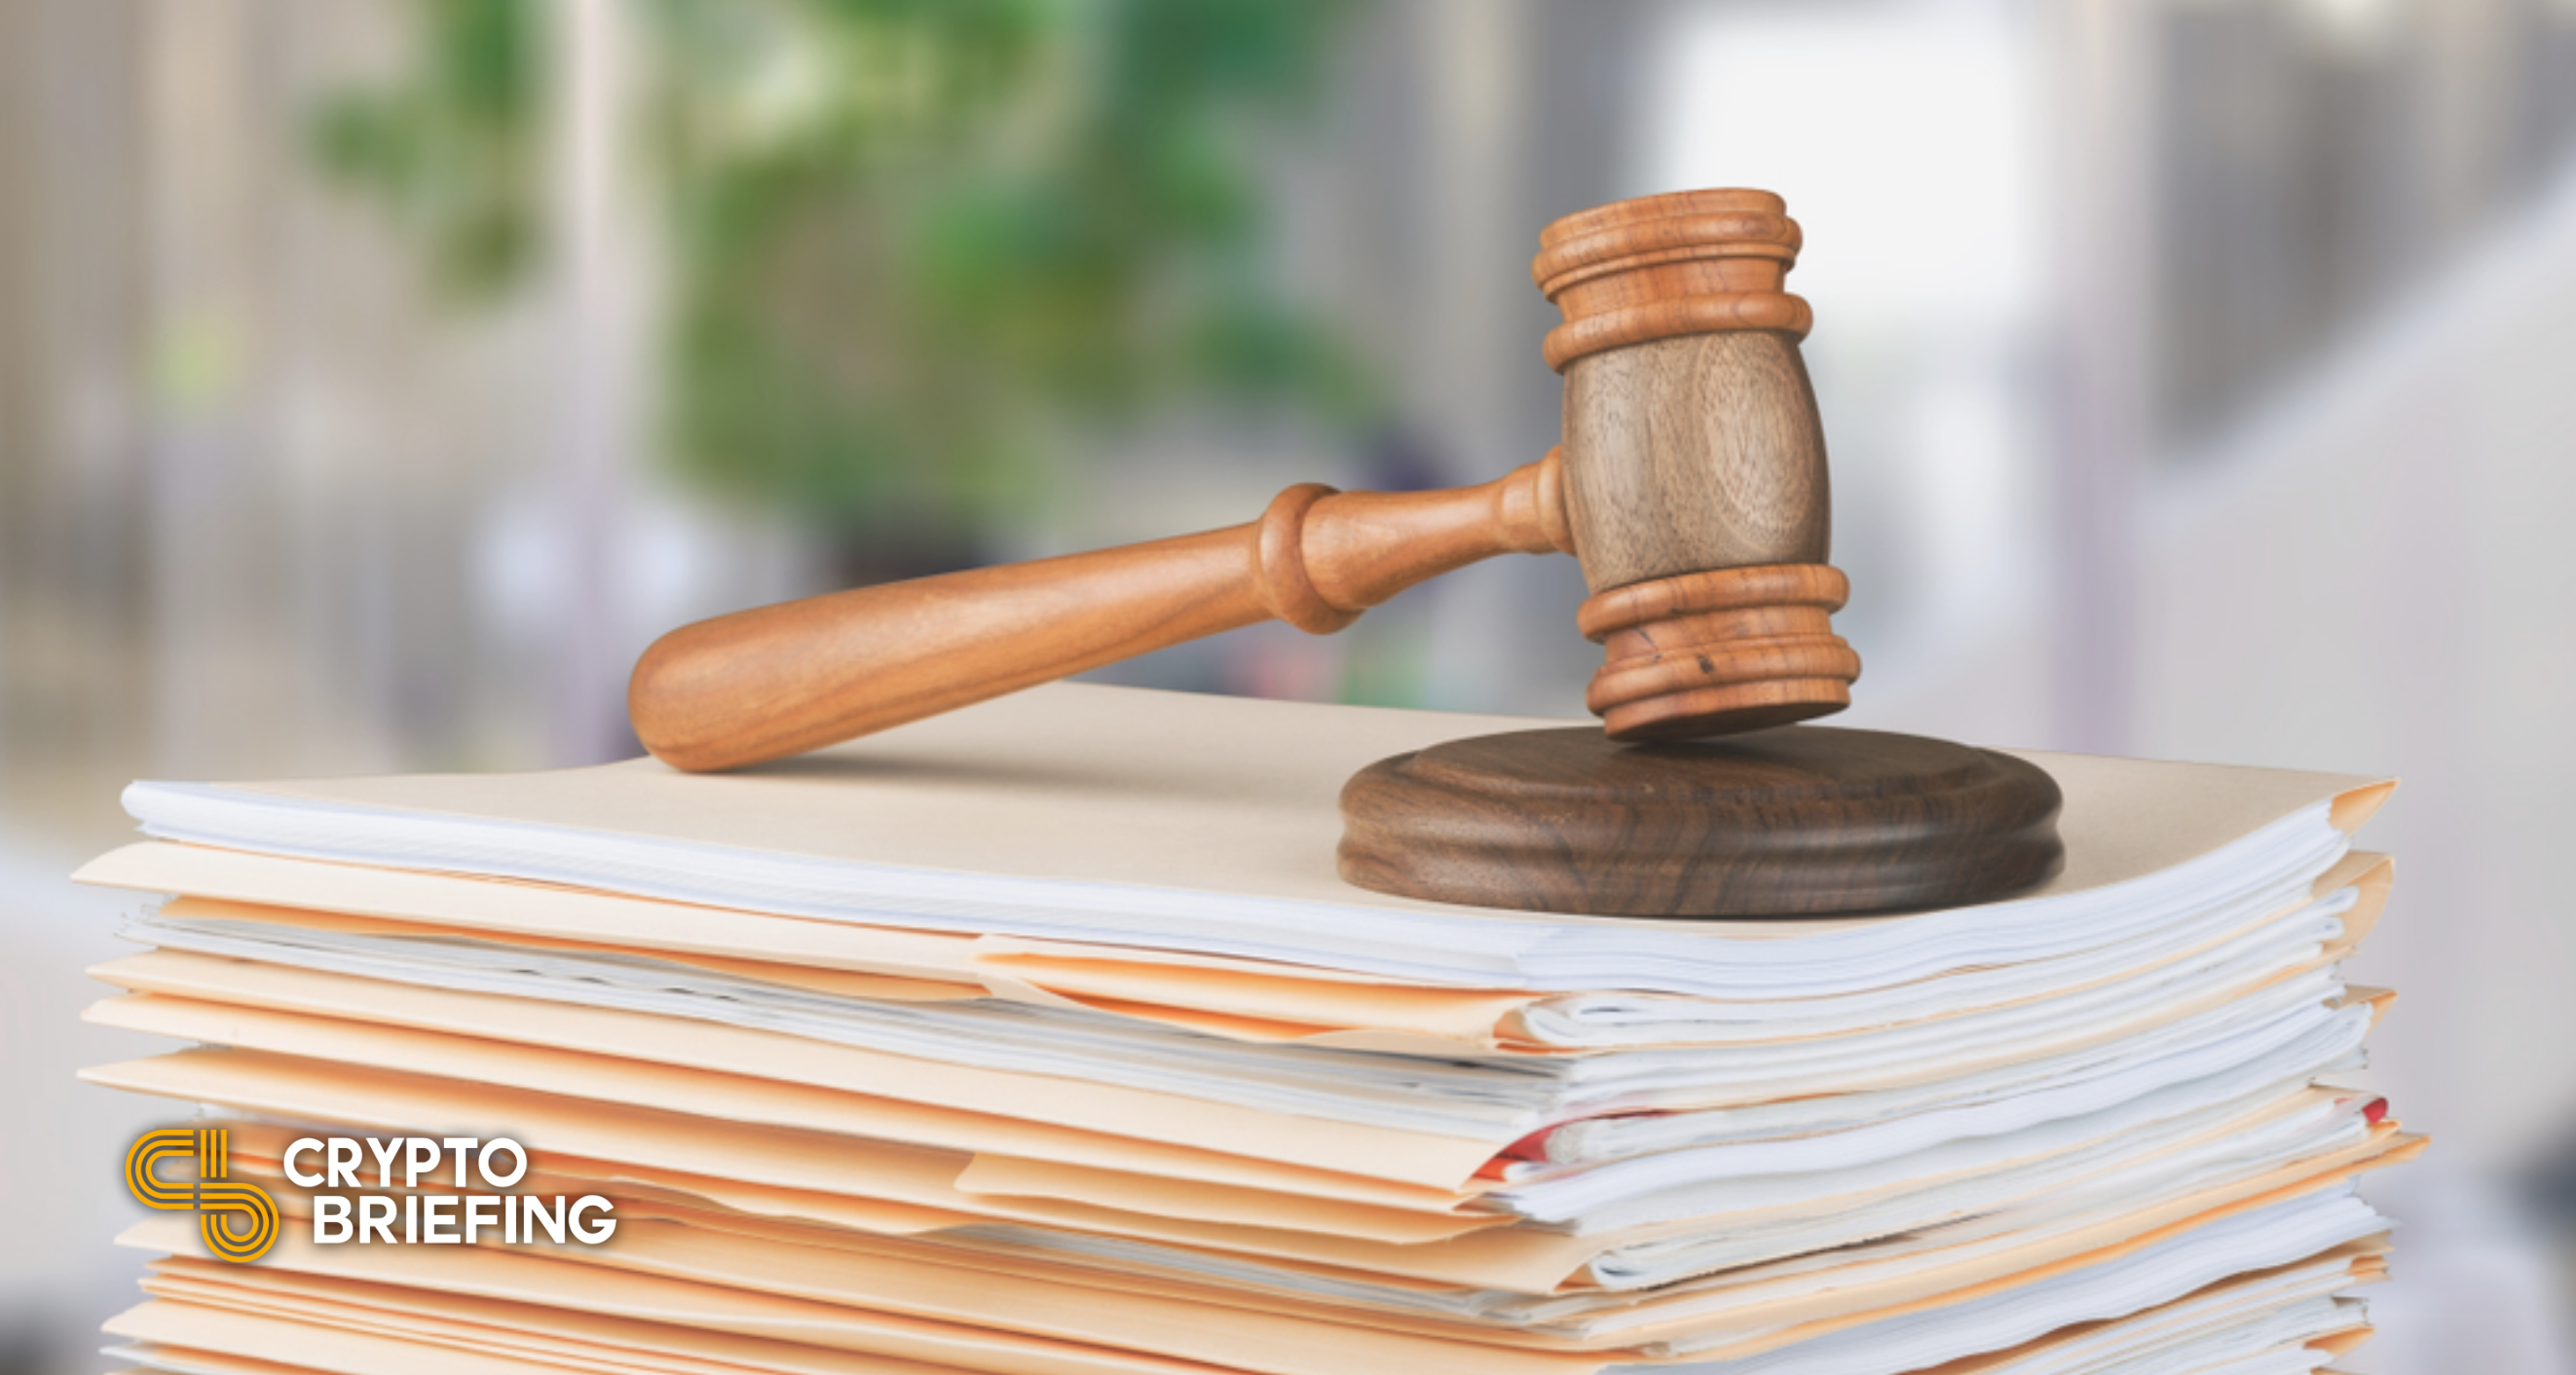 El acceso a los documentos de la SEC ayudará a la defensa de Ripple